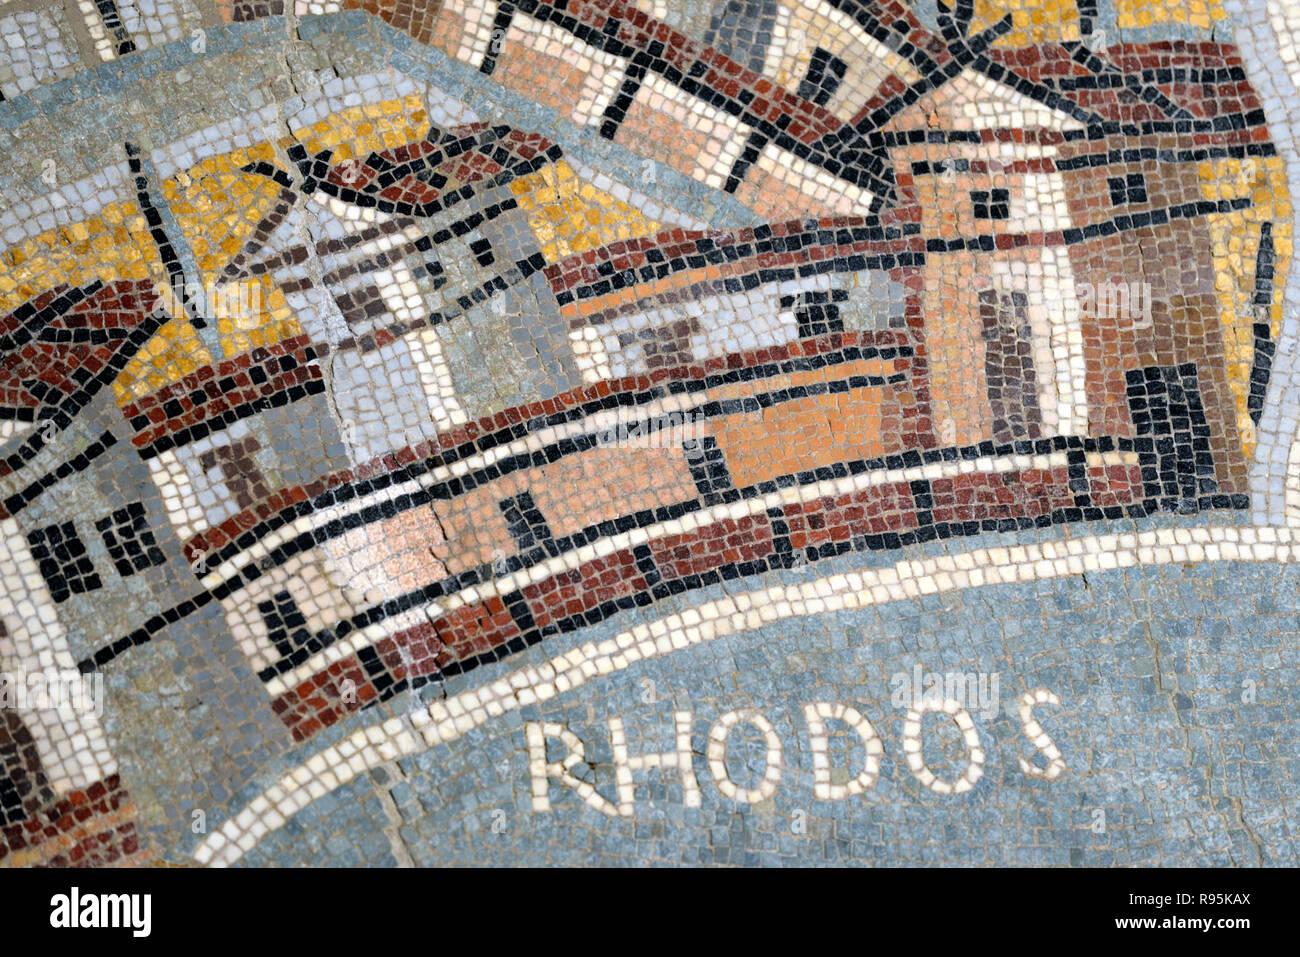 Mosaïque romaine (c3rd-c4e) de Rhodes avec le détail des maisons et l'architecture de l'ancienne ville romaine de Haïdra Ammaedara Tunisie Photo Stock